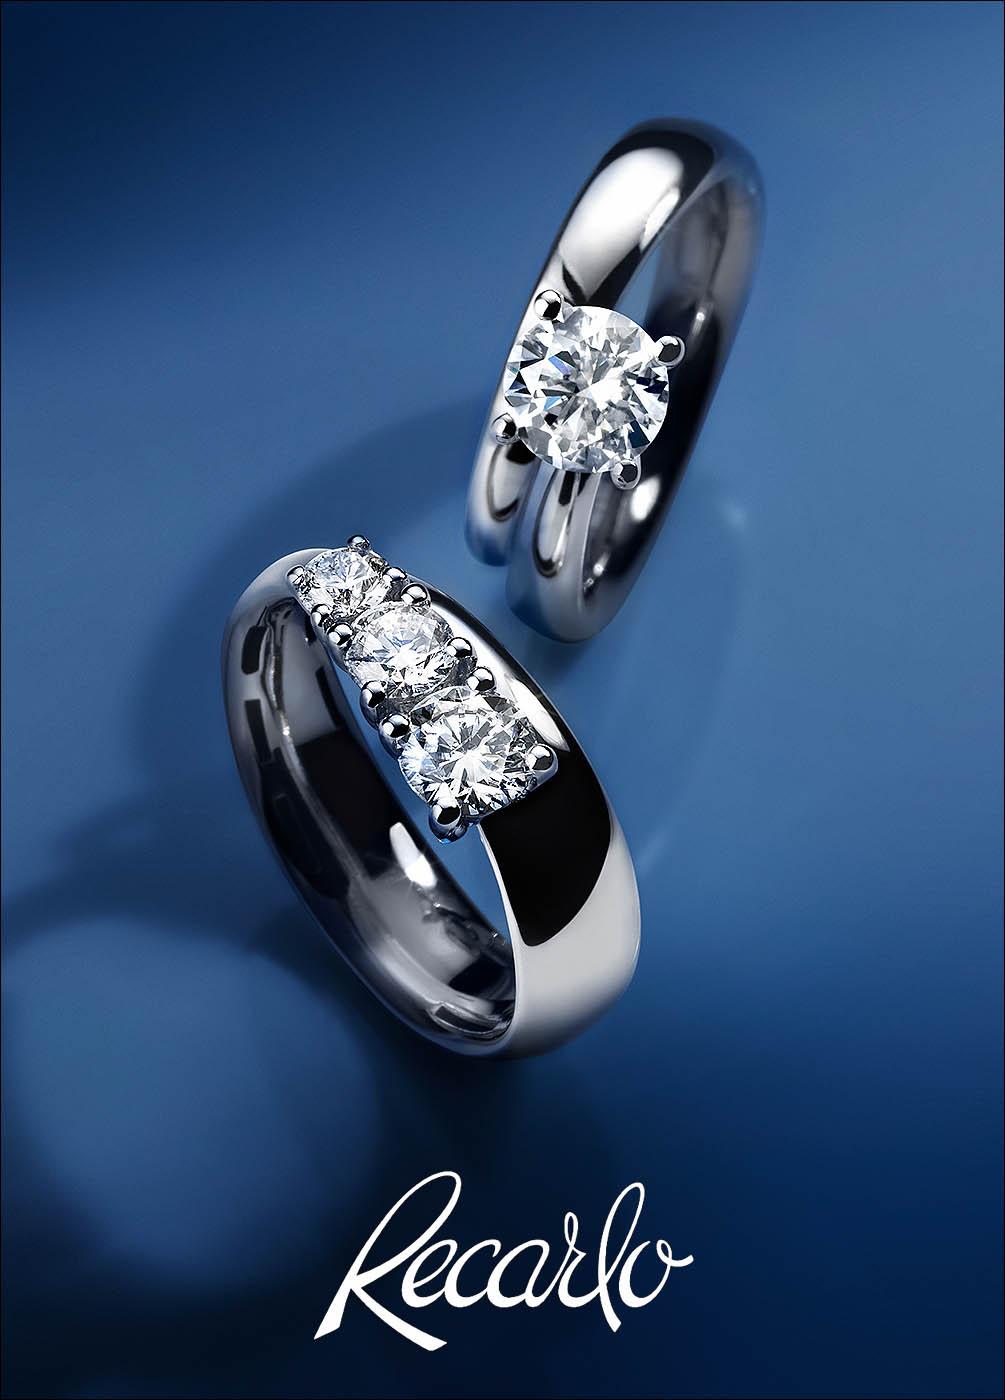 Fotografo still life gioielli anelli diamanti Recarlo | Andrea Sudati Photo Studio